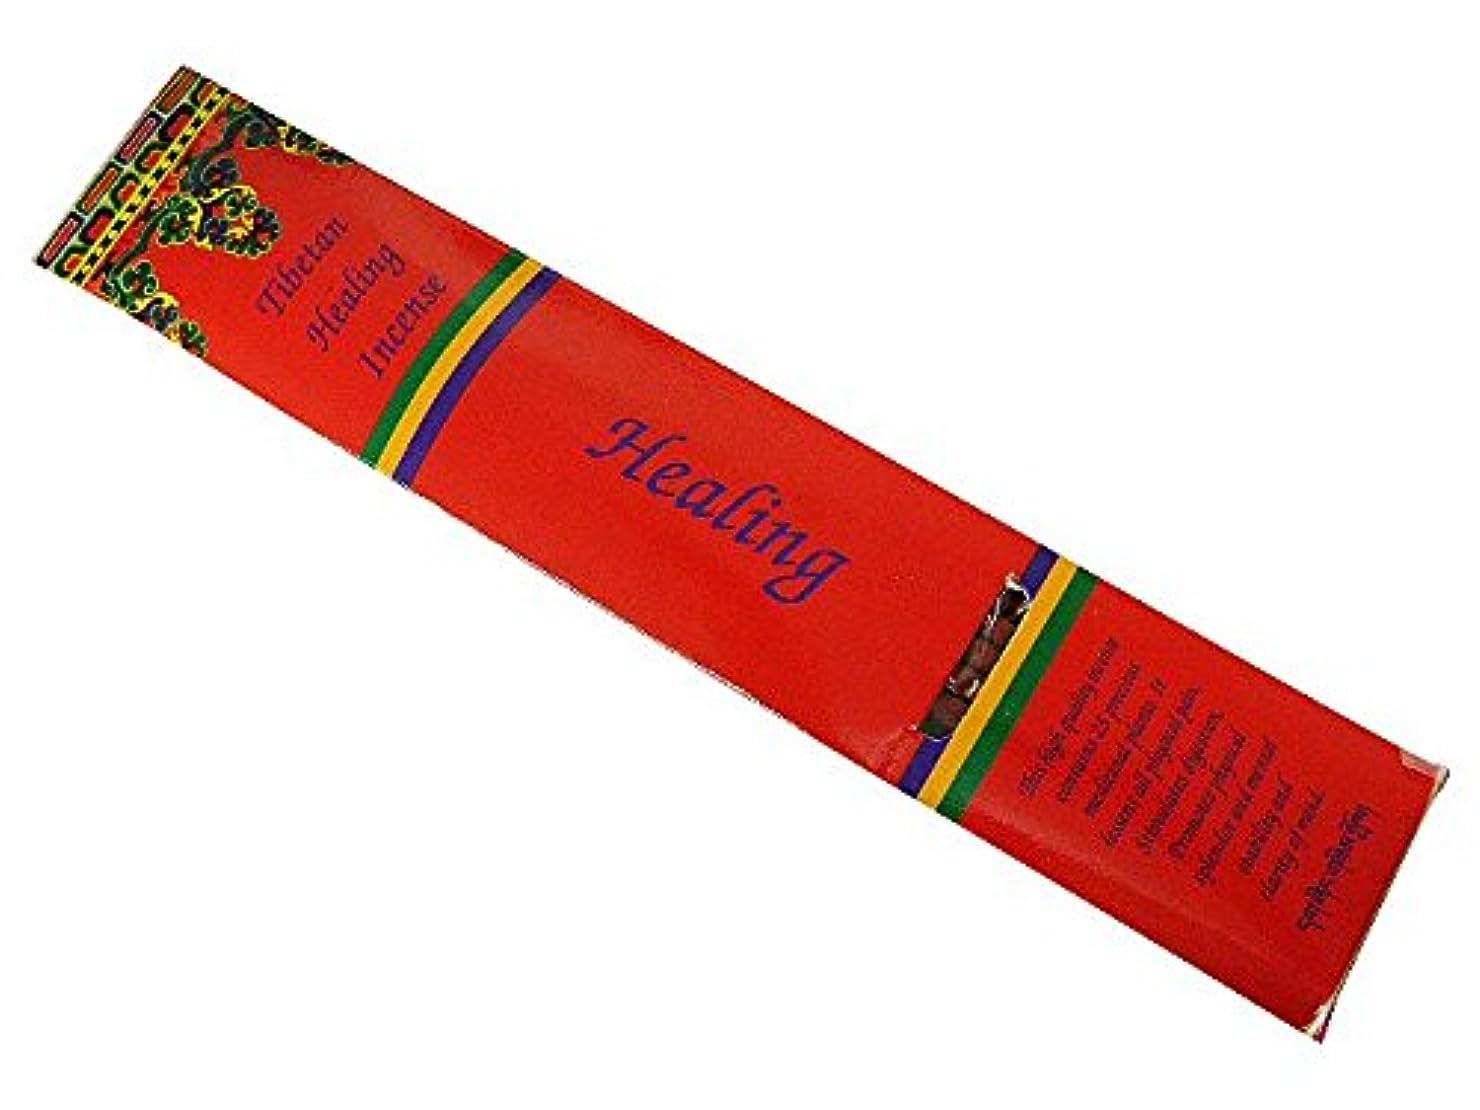 名誉ある餌プロットカチュガキリン チベット仏教尼寺院コパンアニゴンパ「カチュガキリン」のお香【FLAT HEALING】